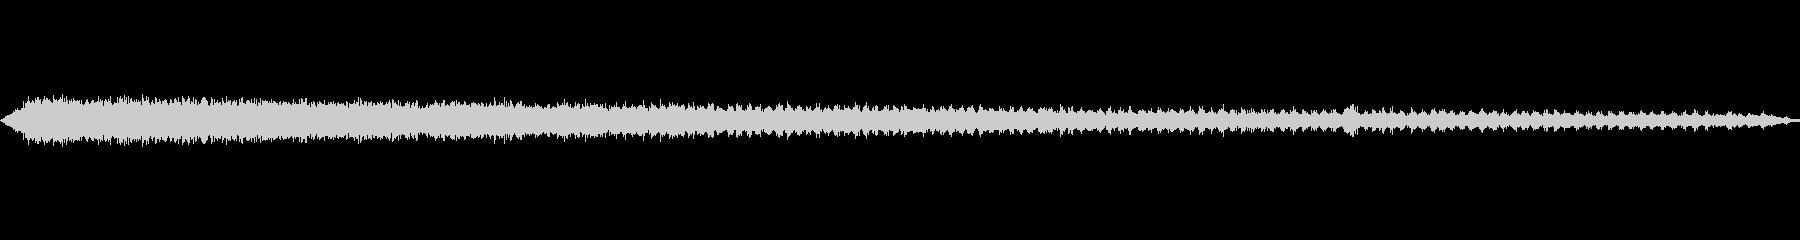 ジージー鳴くセミの声の未再生の波形